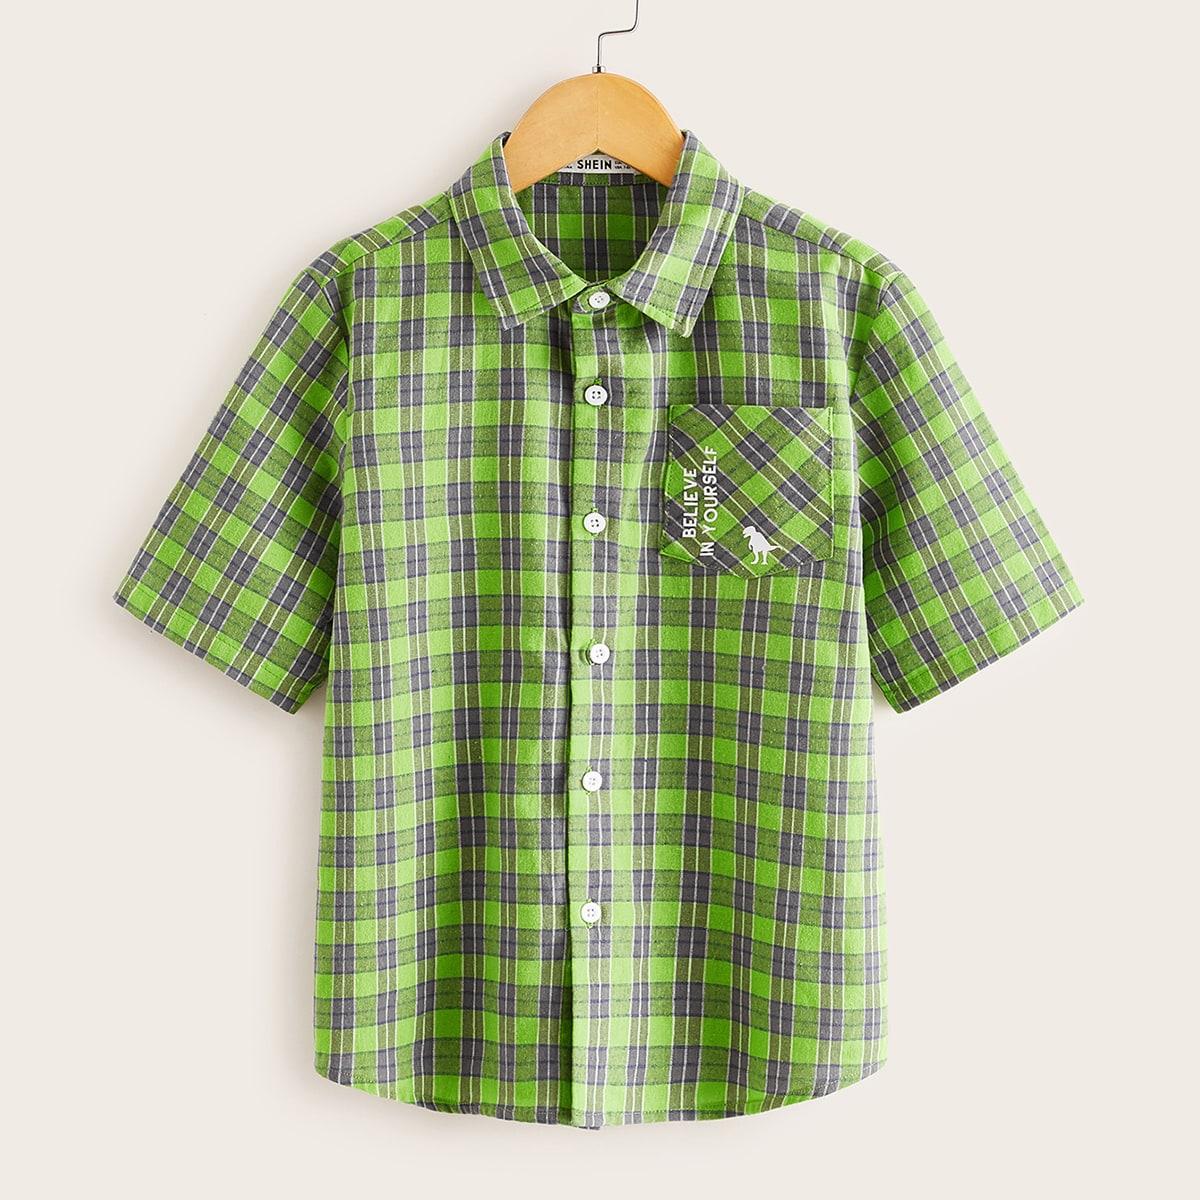 Рубашка в клетку с текстовым принтом и карманом для мальчиков от SHEIN